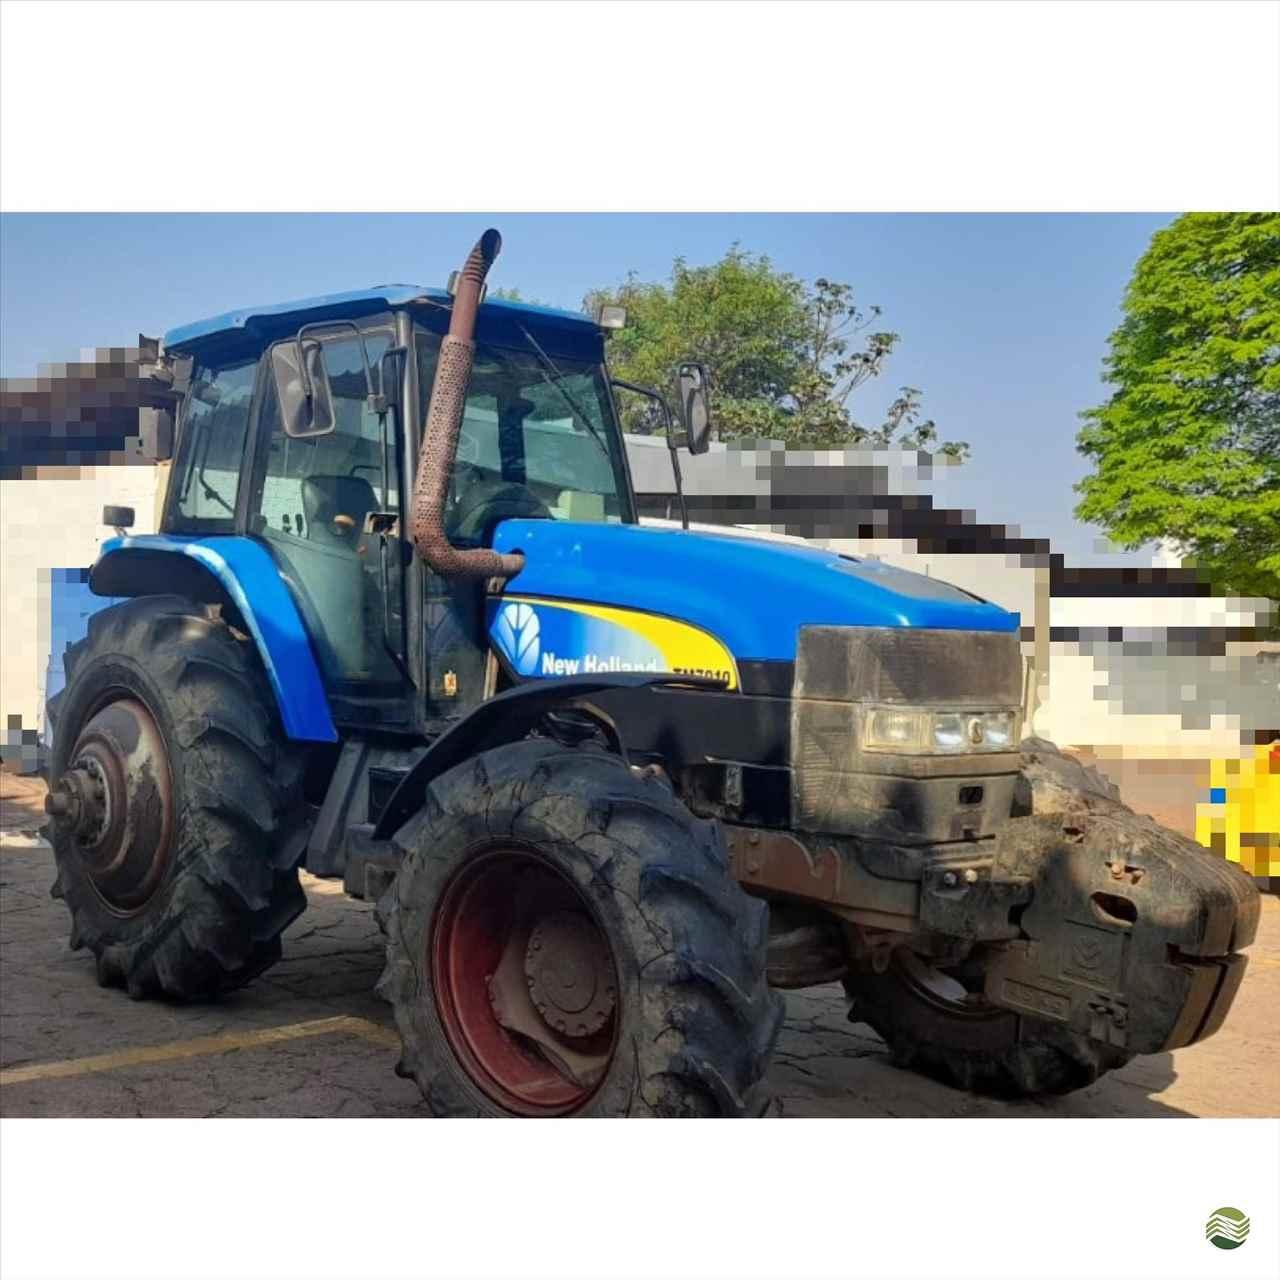 TRATOR NEW HOLLAND NEW TM 7010 Tração 4x4 Rural Vendas TERRA ROXA PARANÁ PR